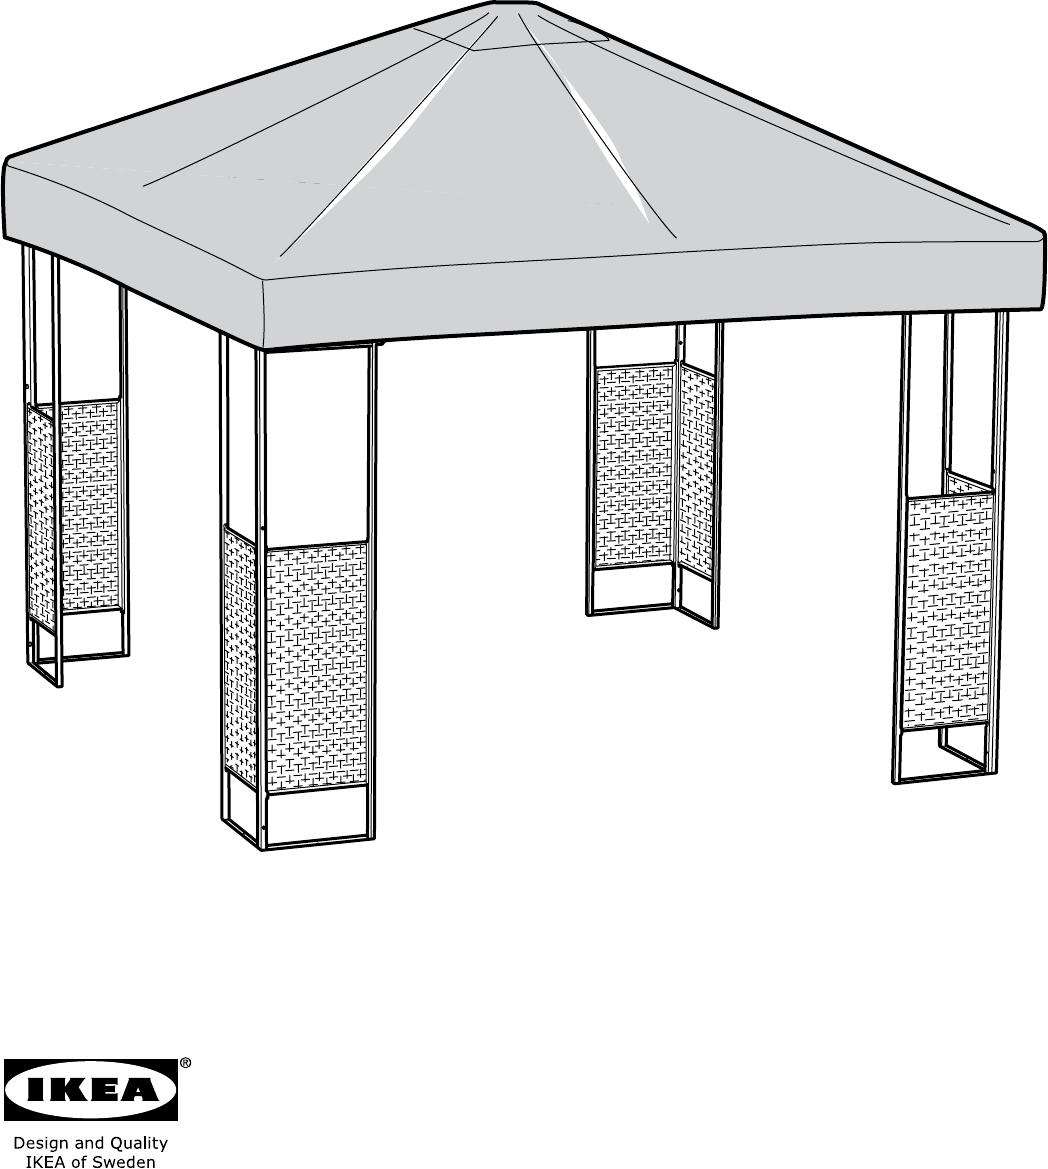 Ikea Ammero intérieur Toile Pour Tonnelle 3X3 Ikea